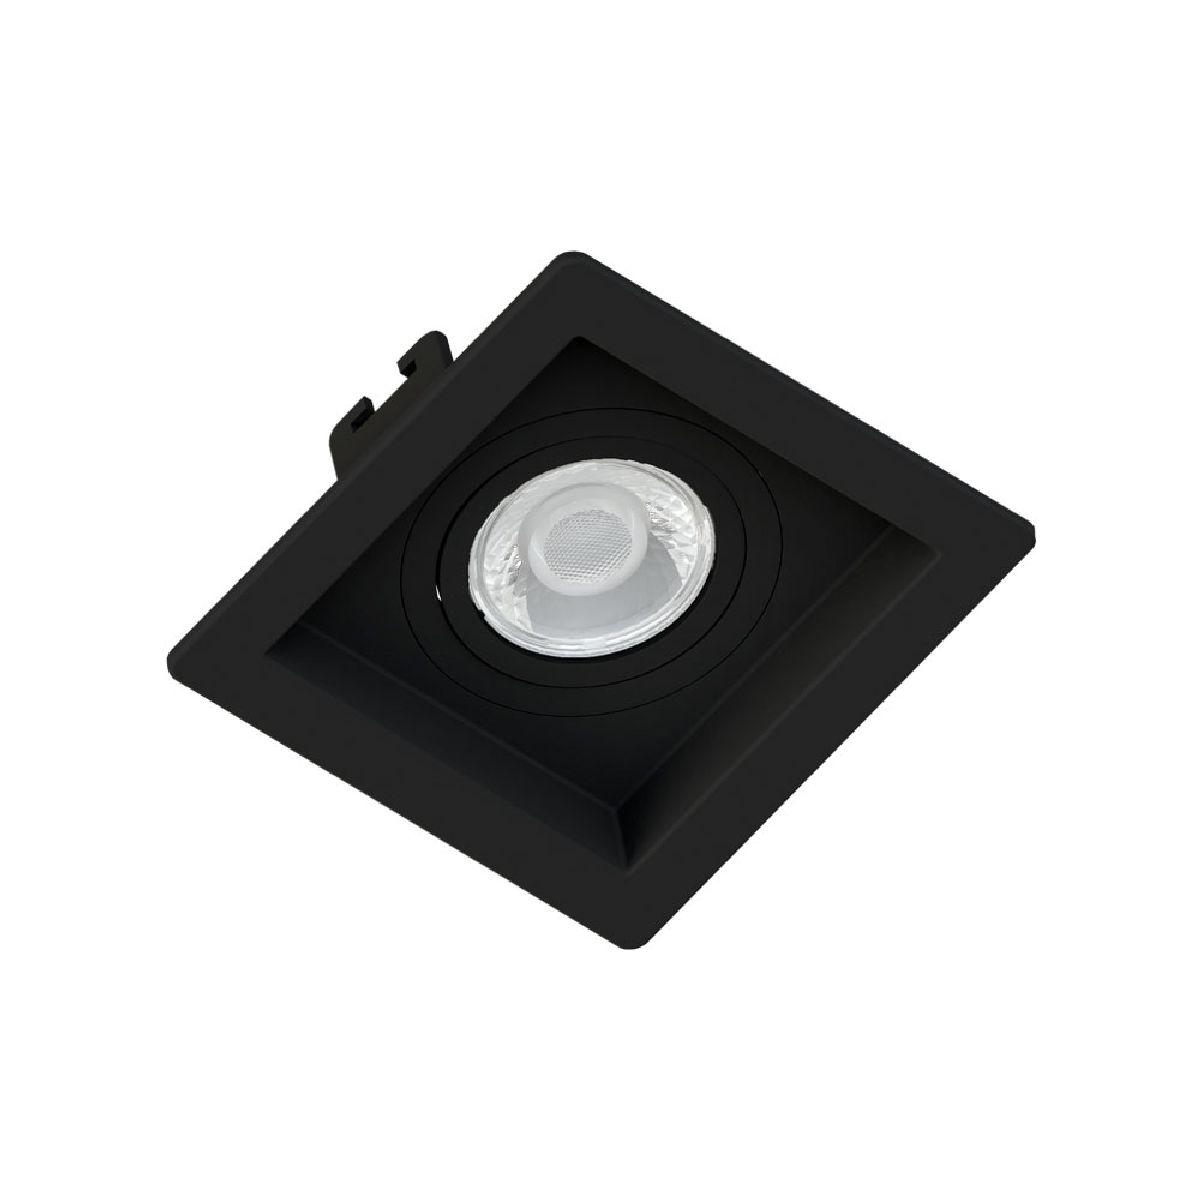 Spot de Embutir Mini Dicroica Quadrado Orientável MR11 Face Recuada Preto